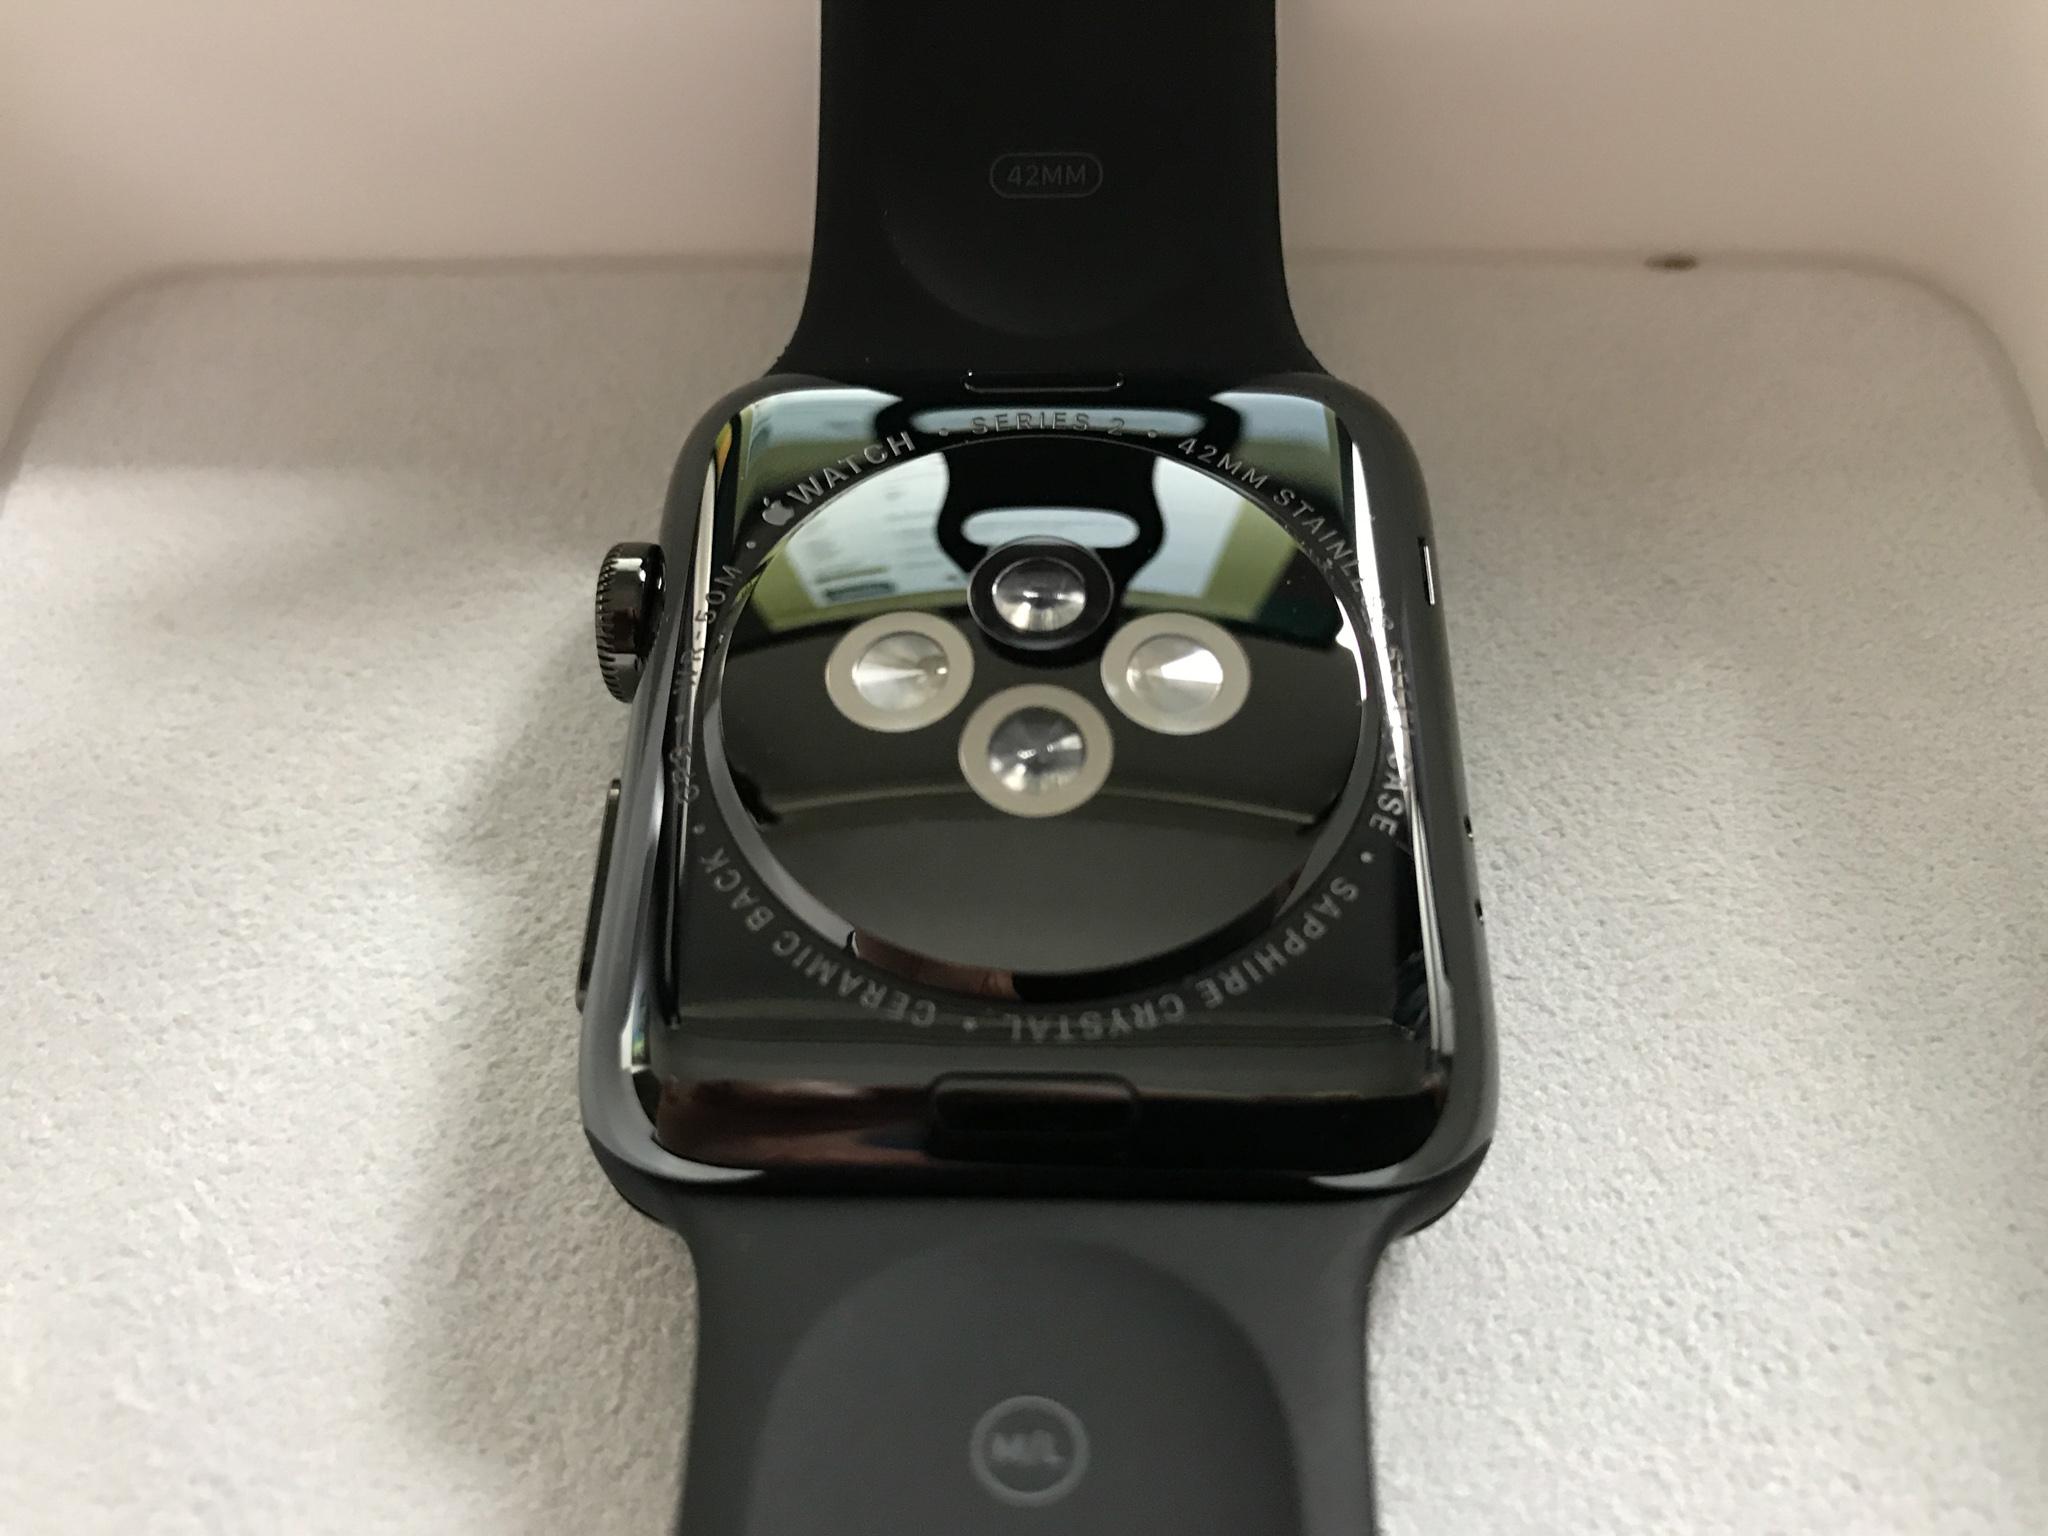 Für aktive Wassersportler: Die Sensoren auf der Rückseite der Apple Watch Series 2 Space Black messen zuverlässig die Herzfrequenz. Foto: Sascha Tegtmeyer